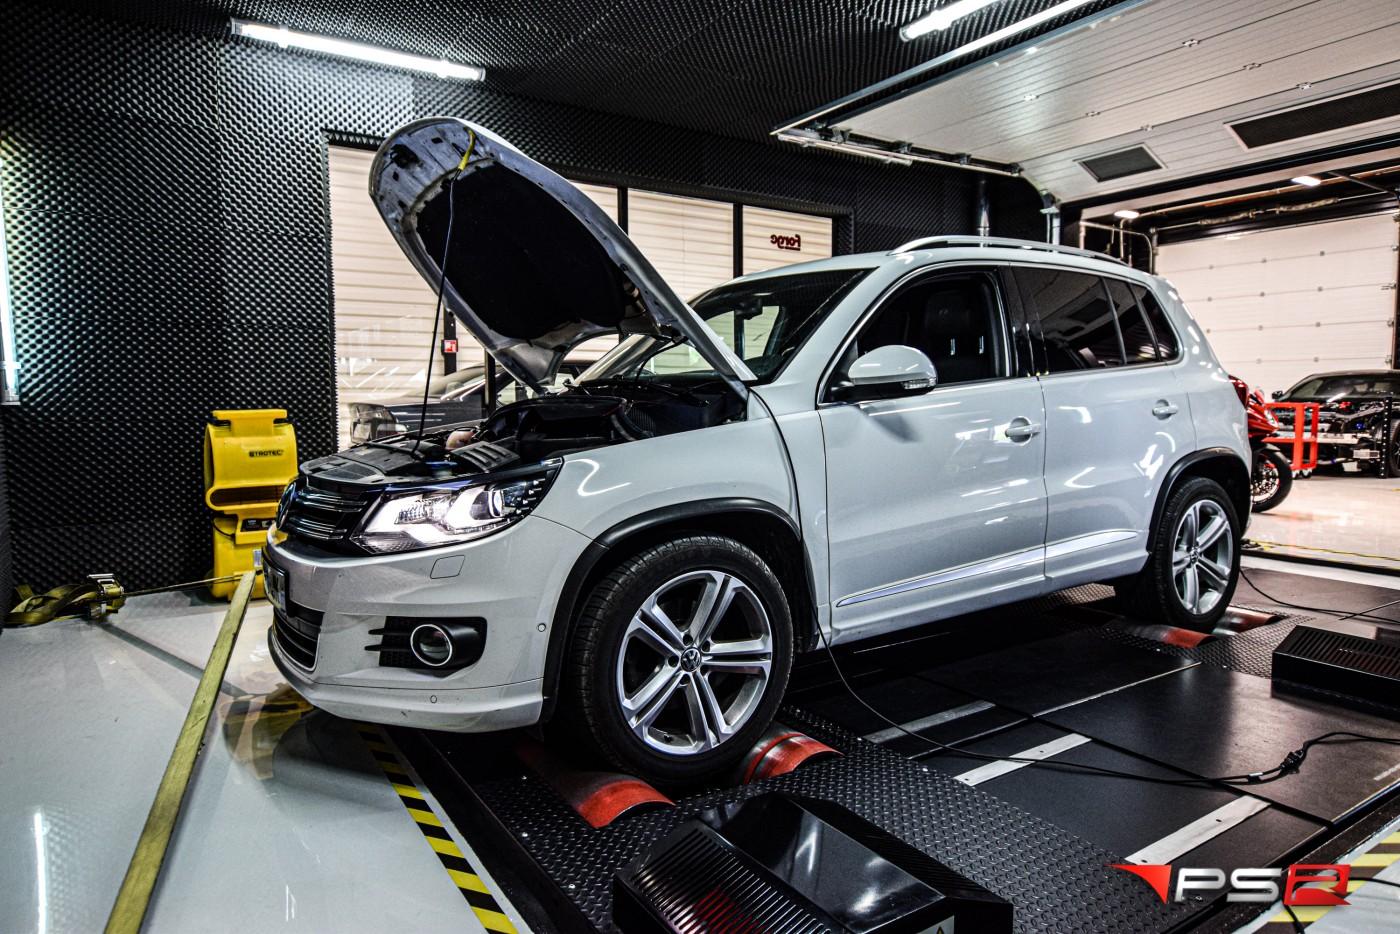 VW TIGUAN R-LINE 150 HP TUNE + ETHANOL